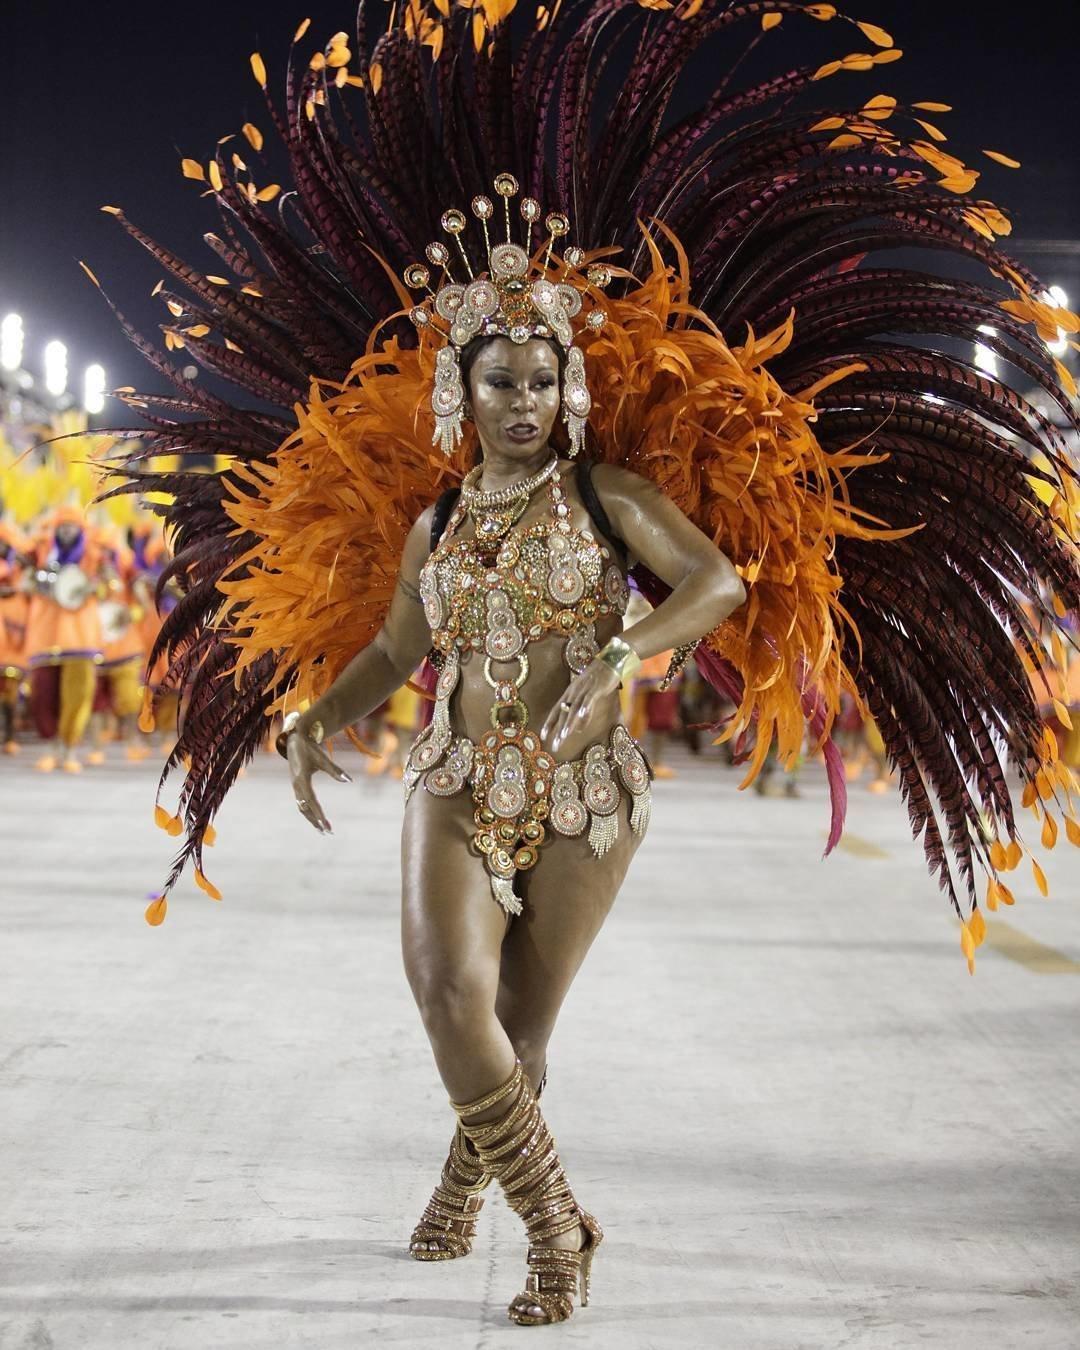 секс карнавал в рио-де-жанейро онлайн что эту